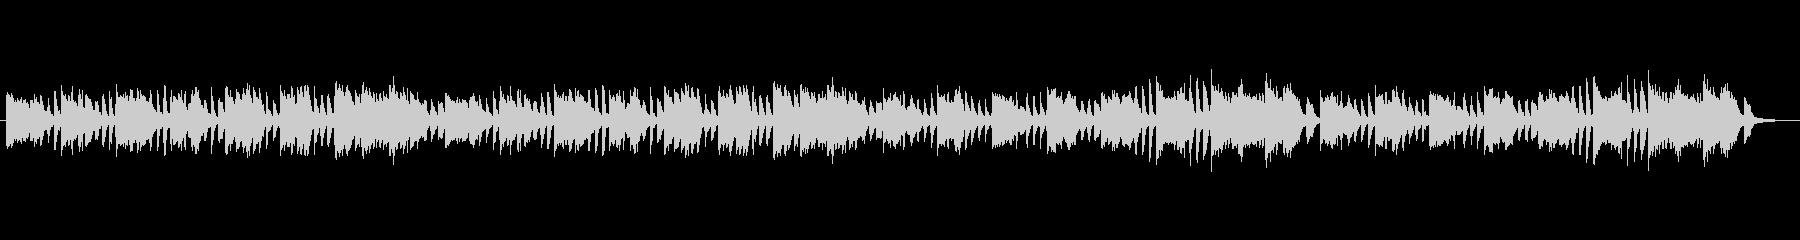 クラシックピアノ、チェルニーNo.19の未再生の波形